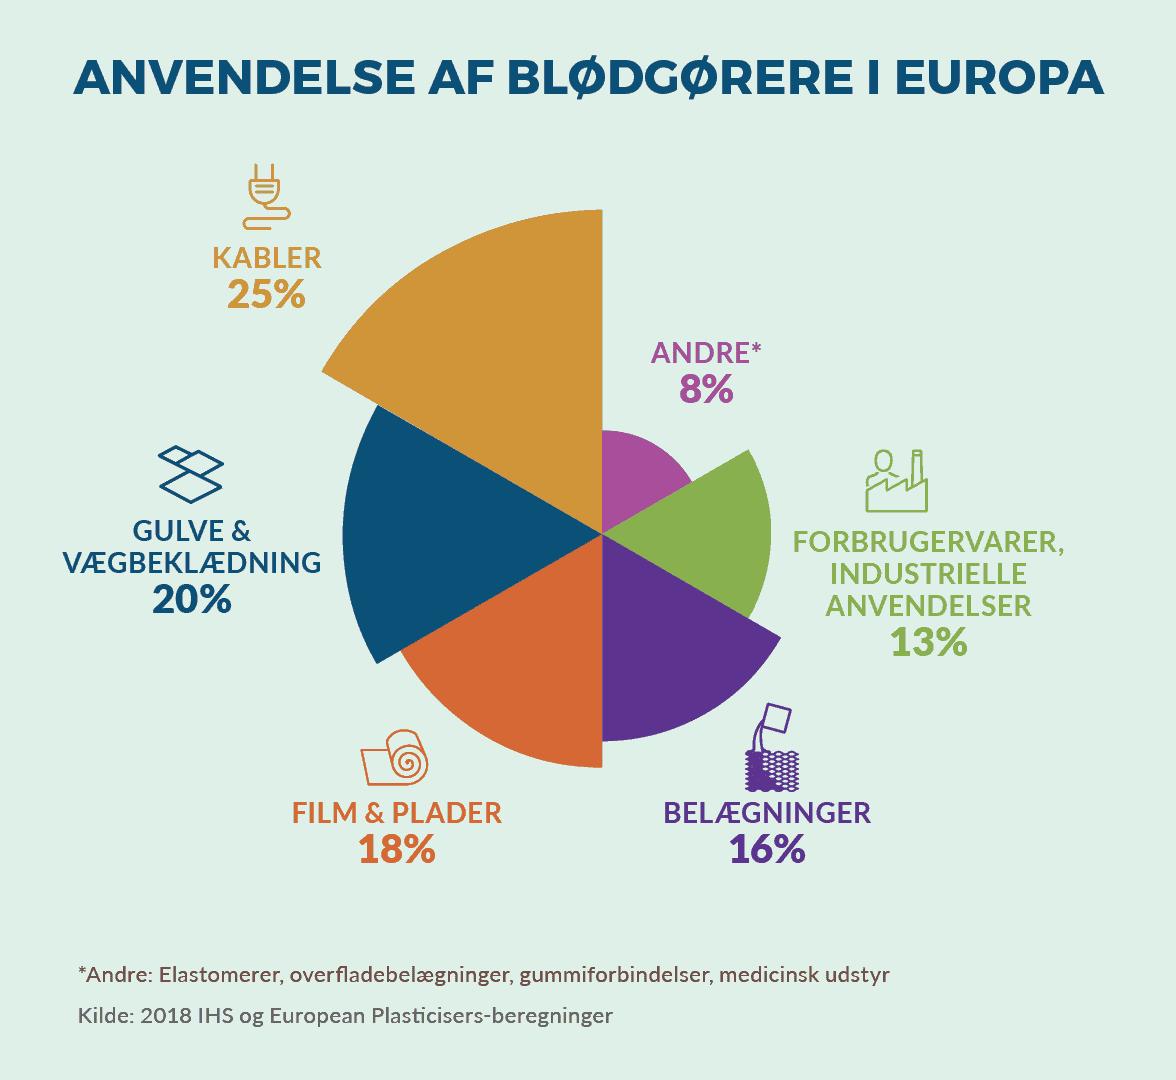 anvendelse af blødgørere i europa